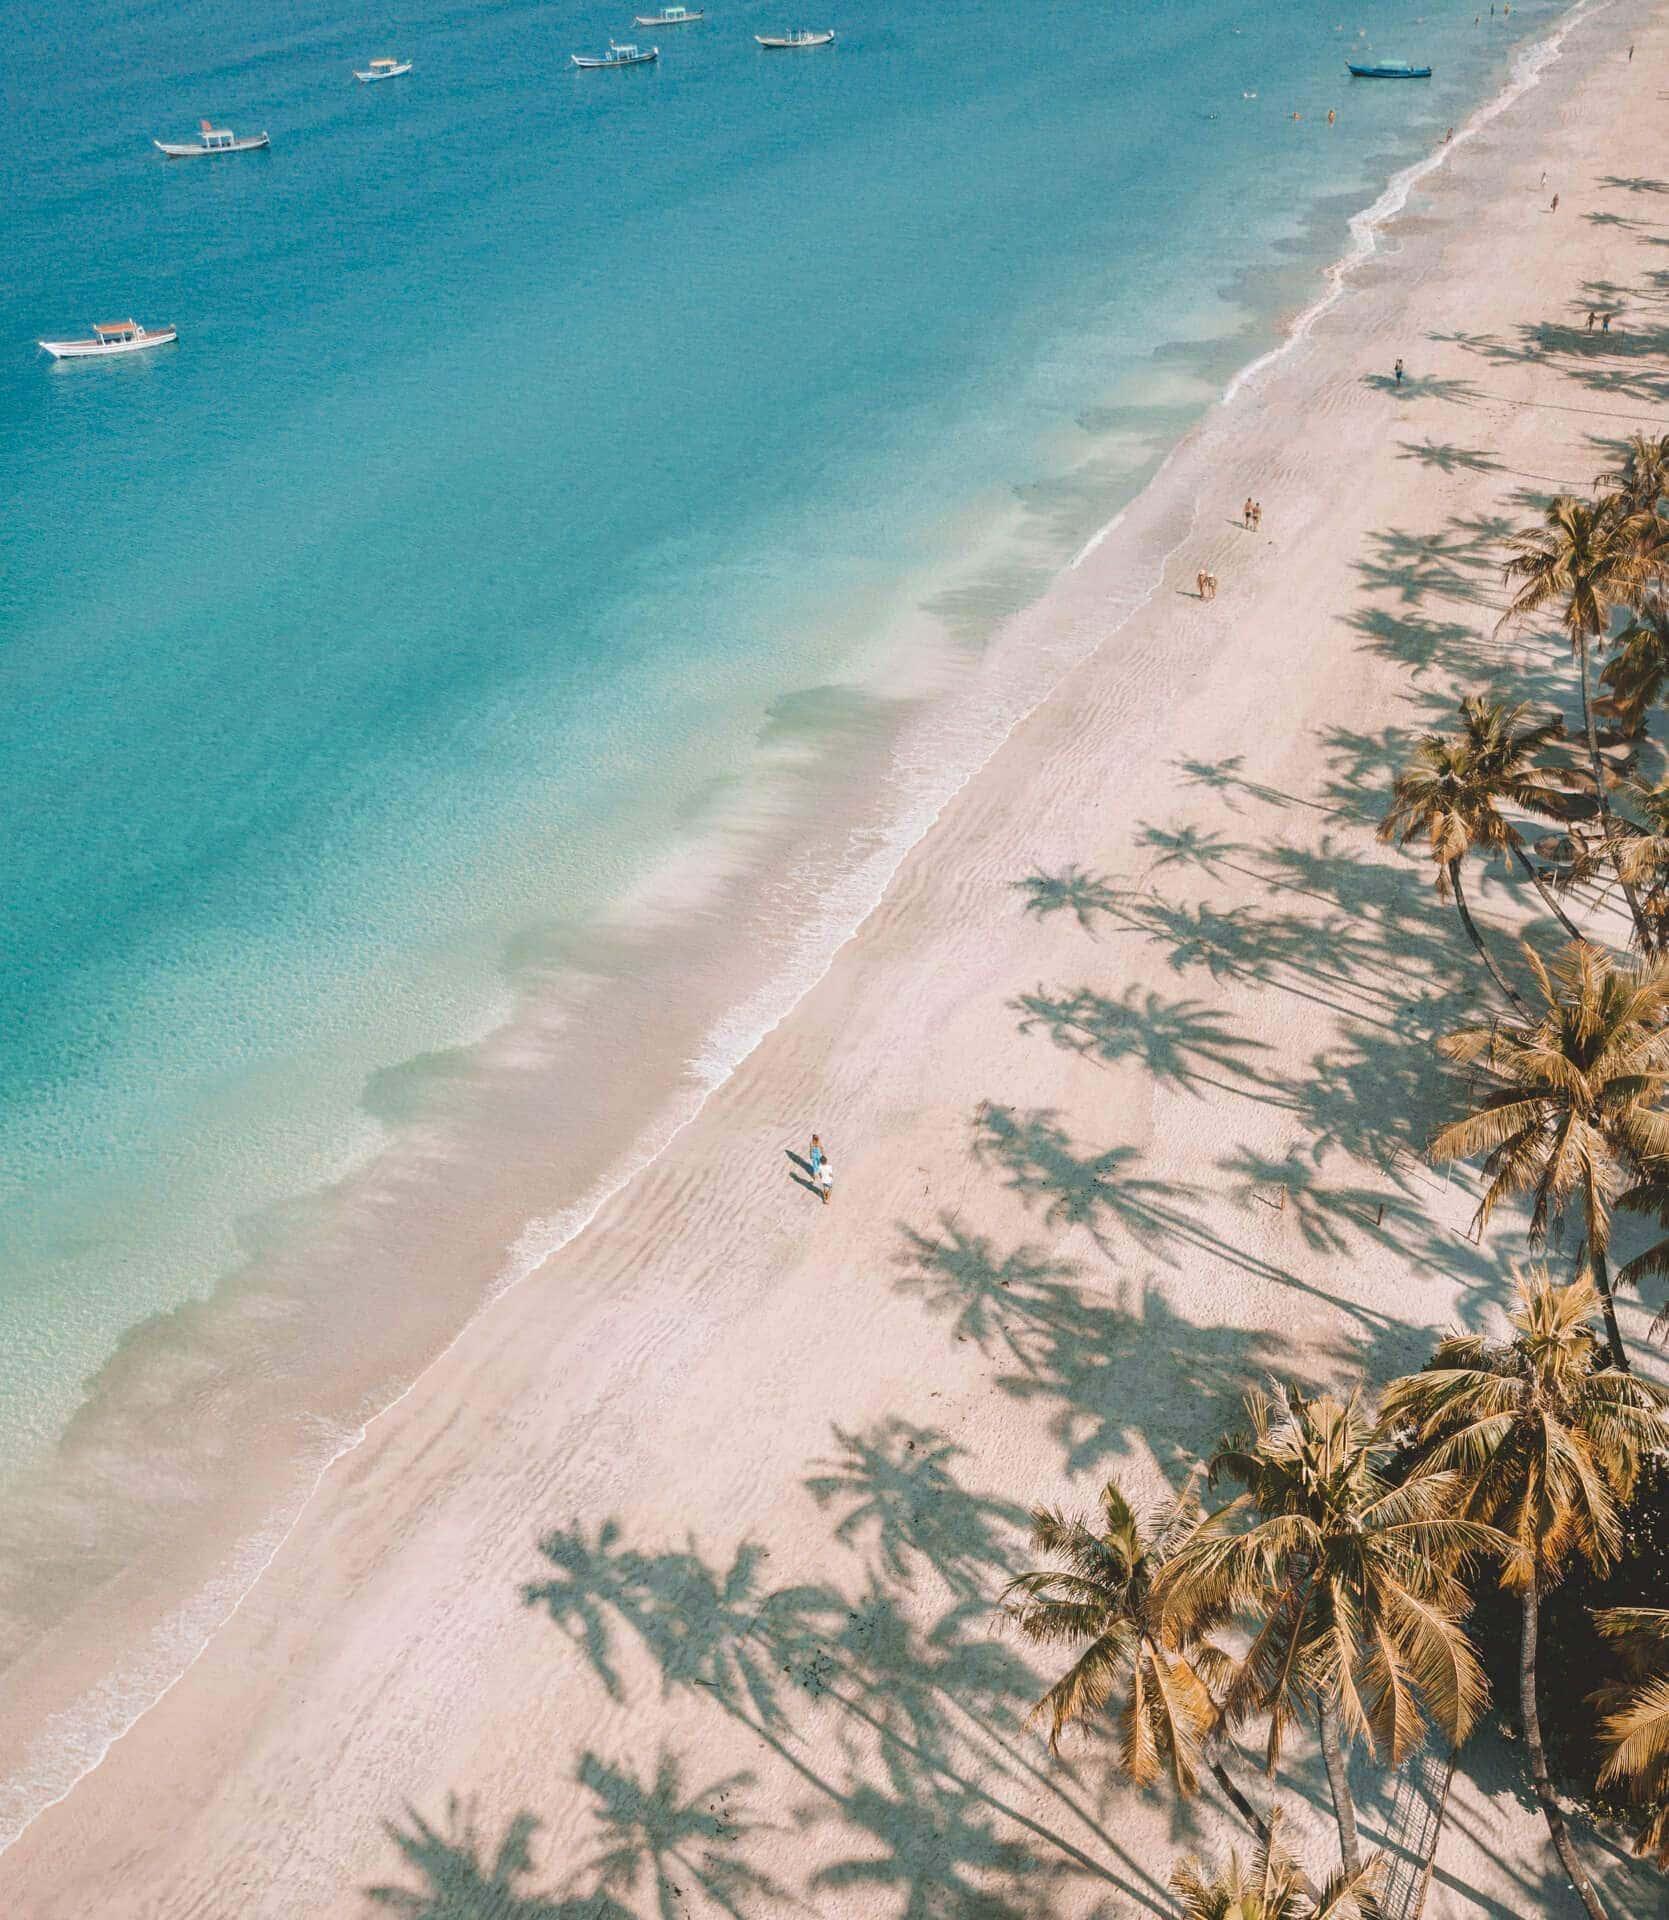 ngapali-most-beautiful-beach-drone-palm